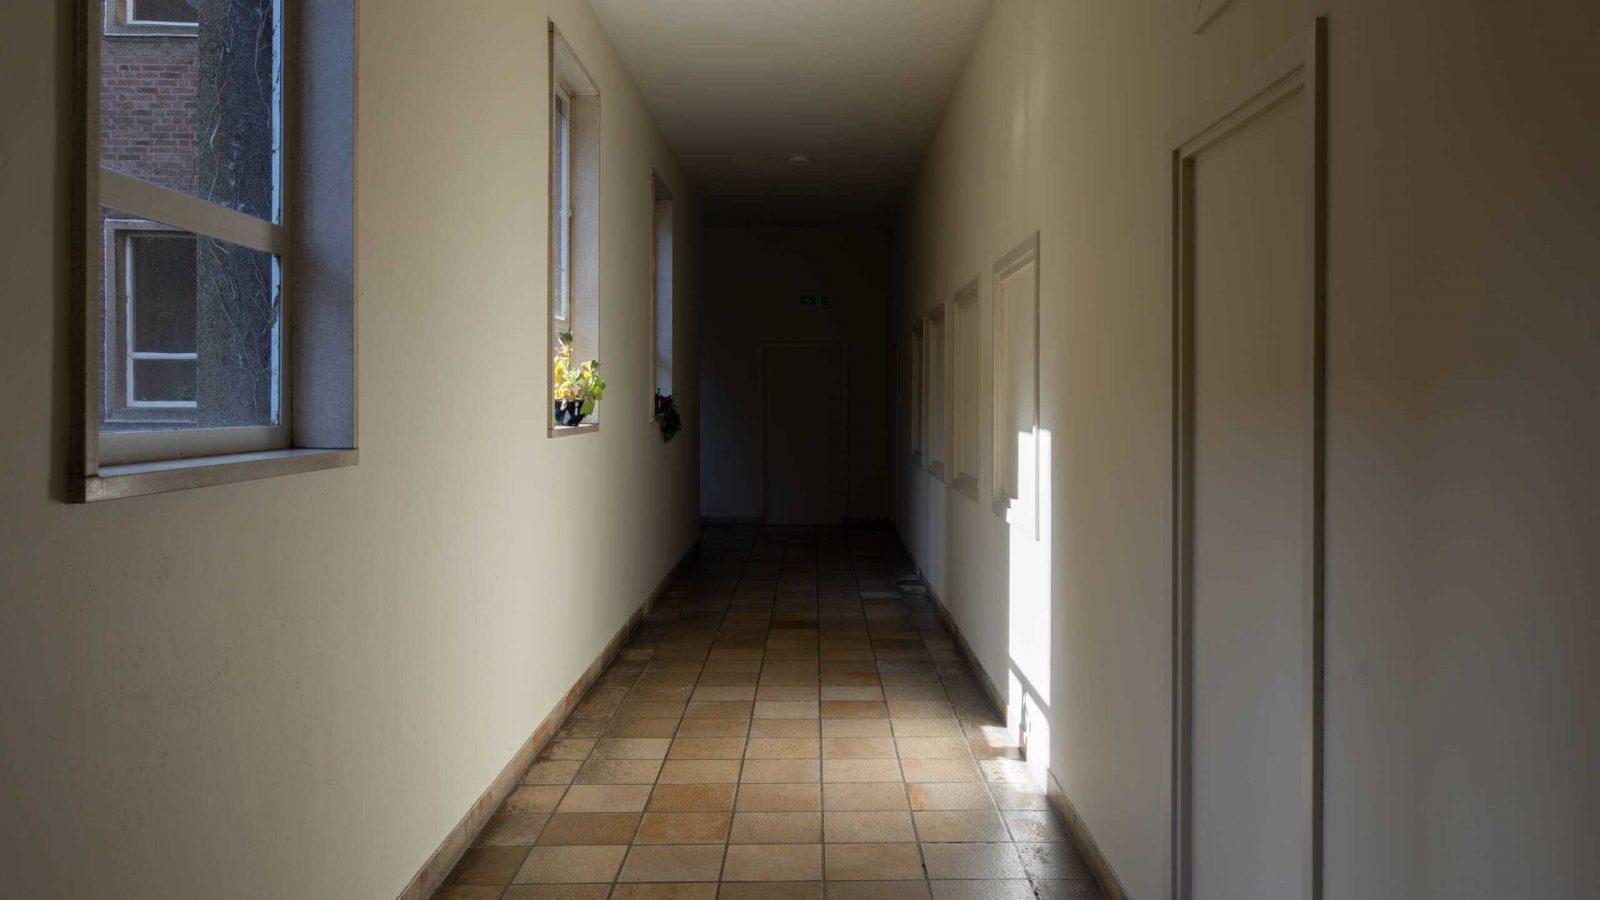 2021 Marlies Lageweg SPWR klooster9 Regina Pacis